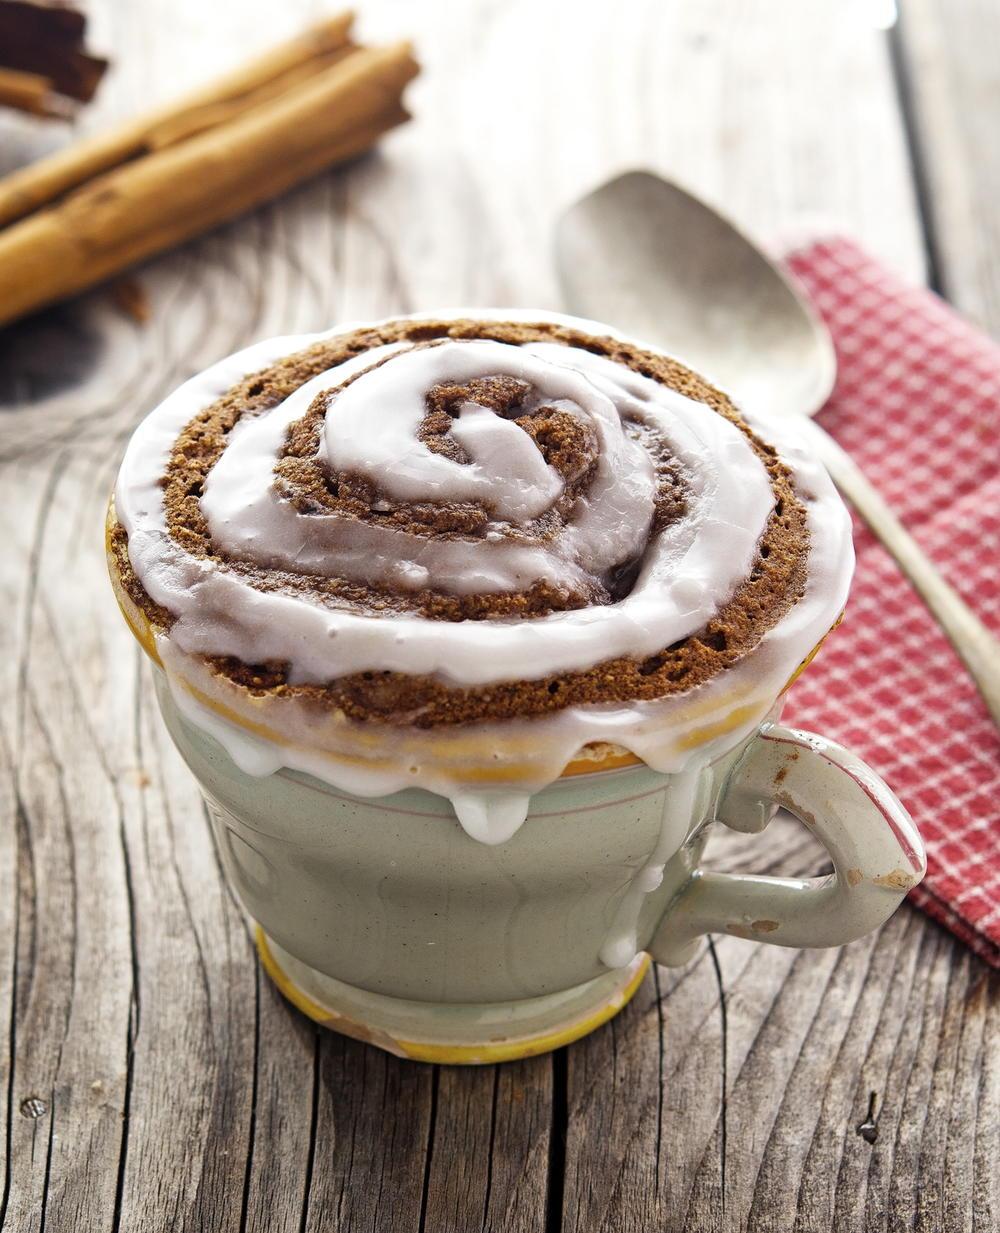 Cinnamon Roll in a Mug | FaveGlutenFreeRecipes.com